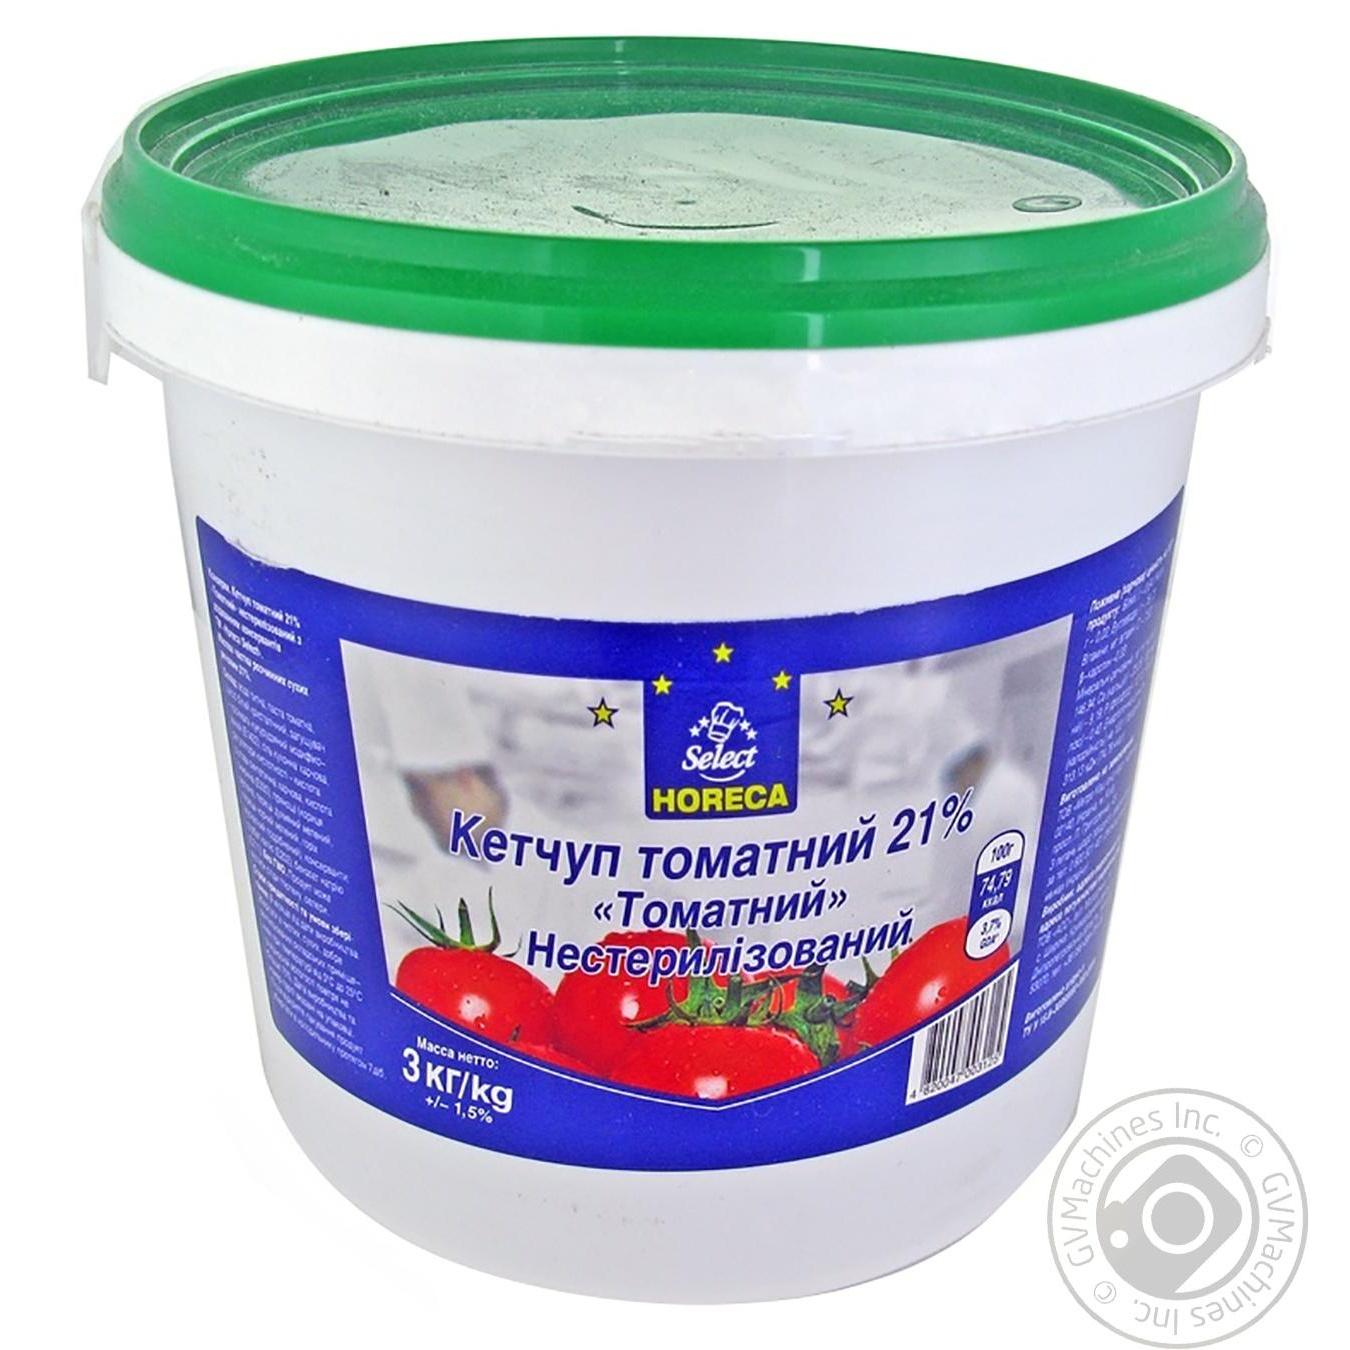 Купить Кетчуп томатний Horeca Select 21% 3000г